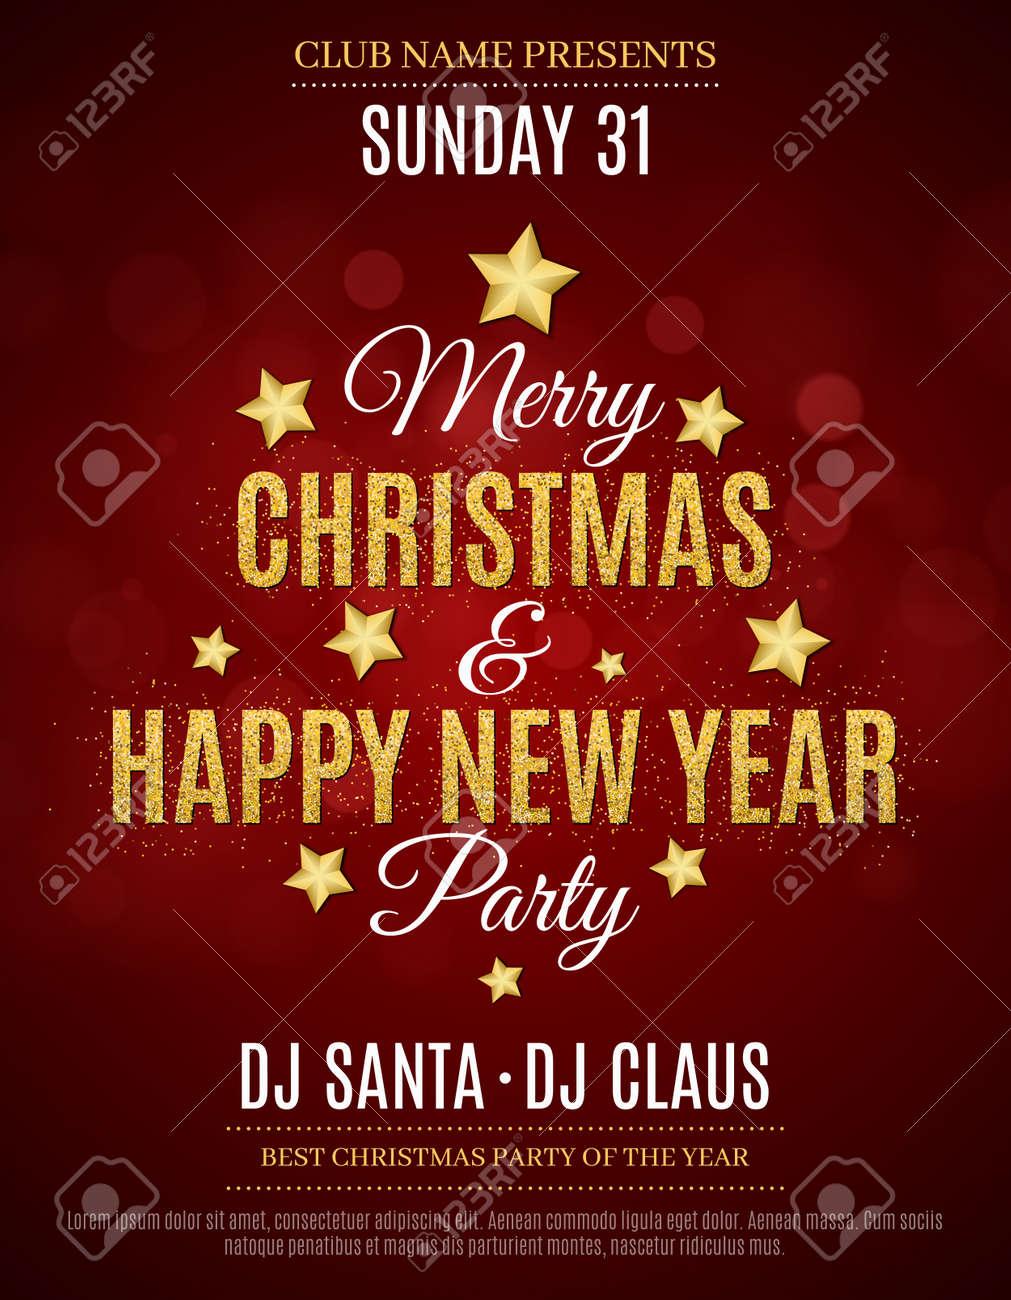 Cartel Para La Navidad Y Año Nuevo Invitación Tarjeta De Invitación Roja El Texto Tiene El Brillo De La Nieve Del Brillo Del Día De Oro Los